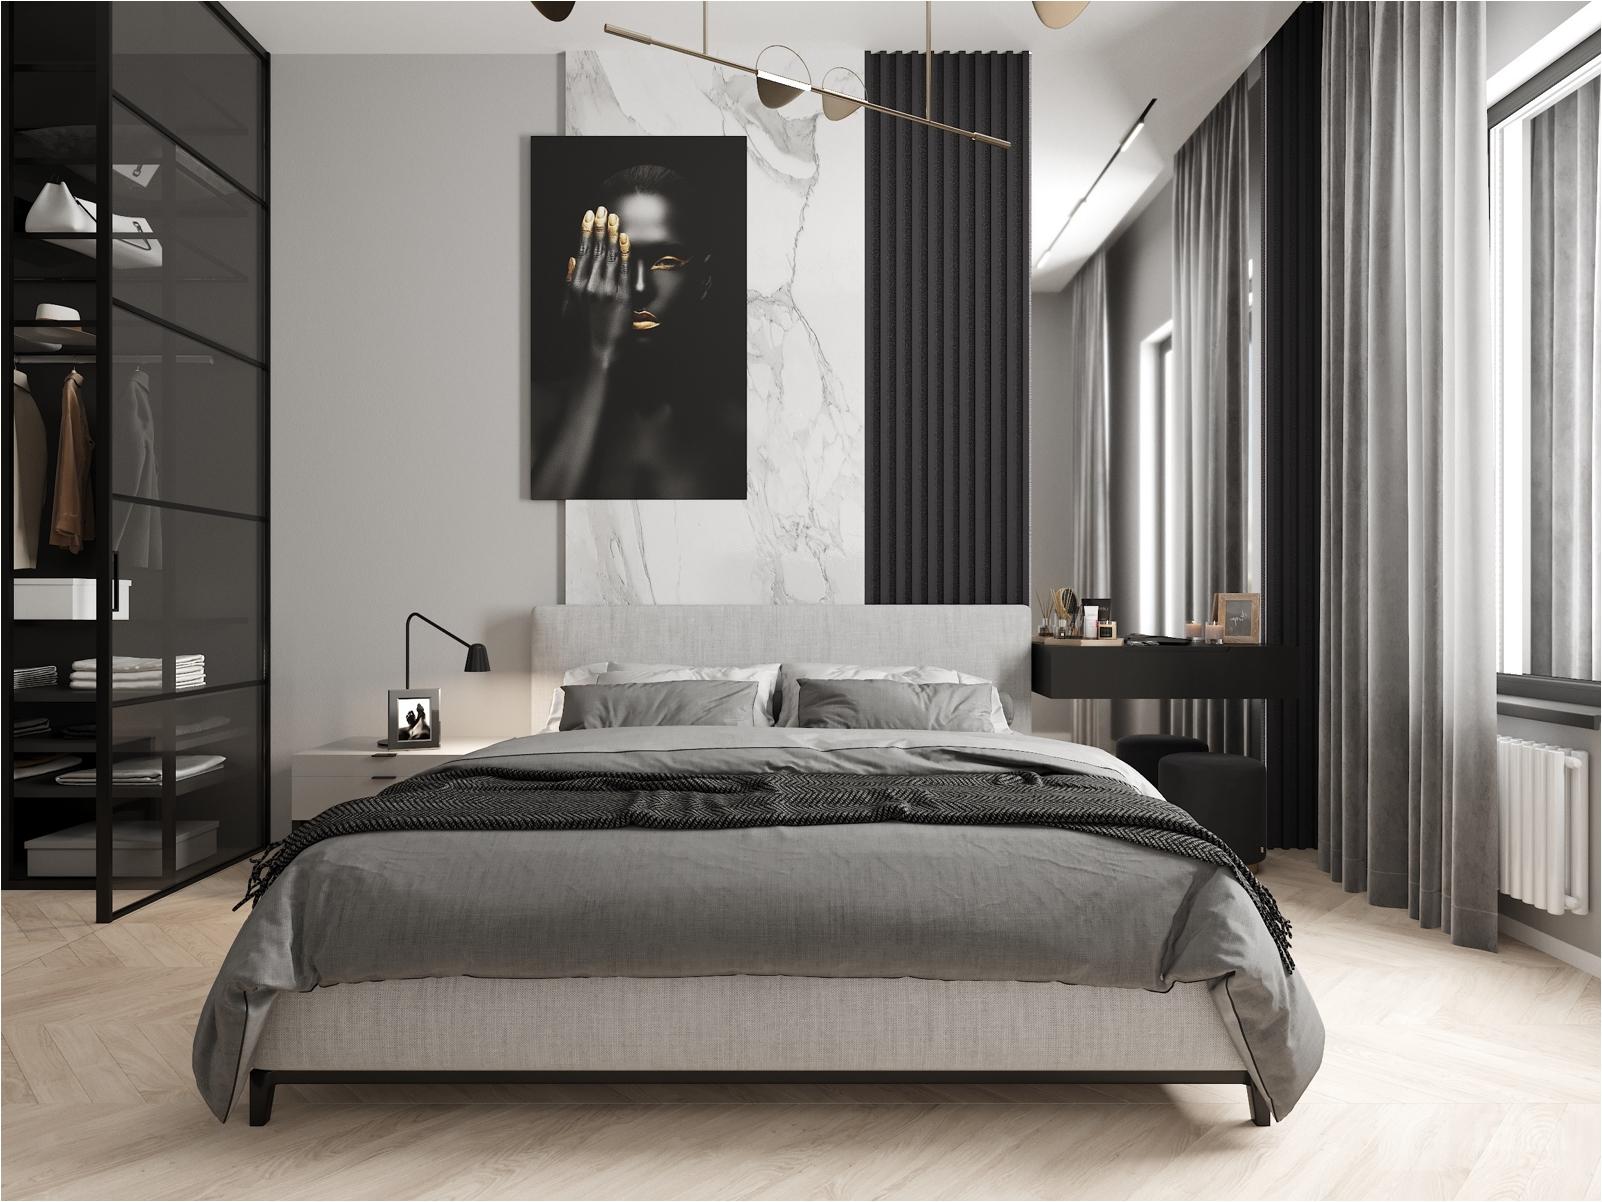 Дизайн проект квартиры в ЖК Символ. Уютный интерьер без буйства цвета, где мужская эстетика встречается с женским гламуром.